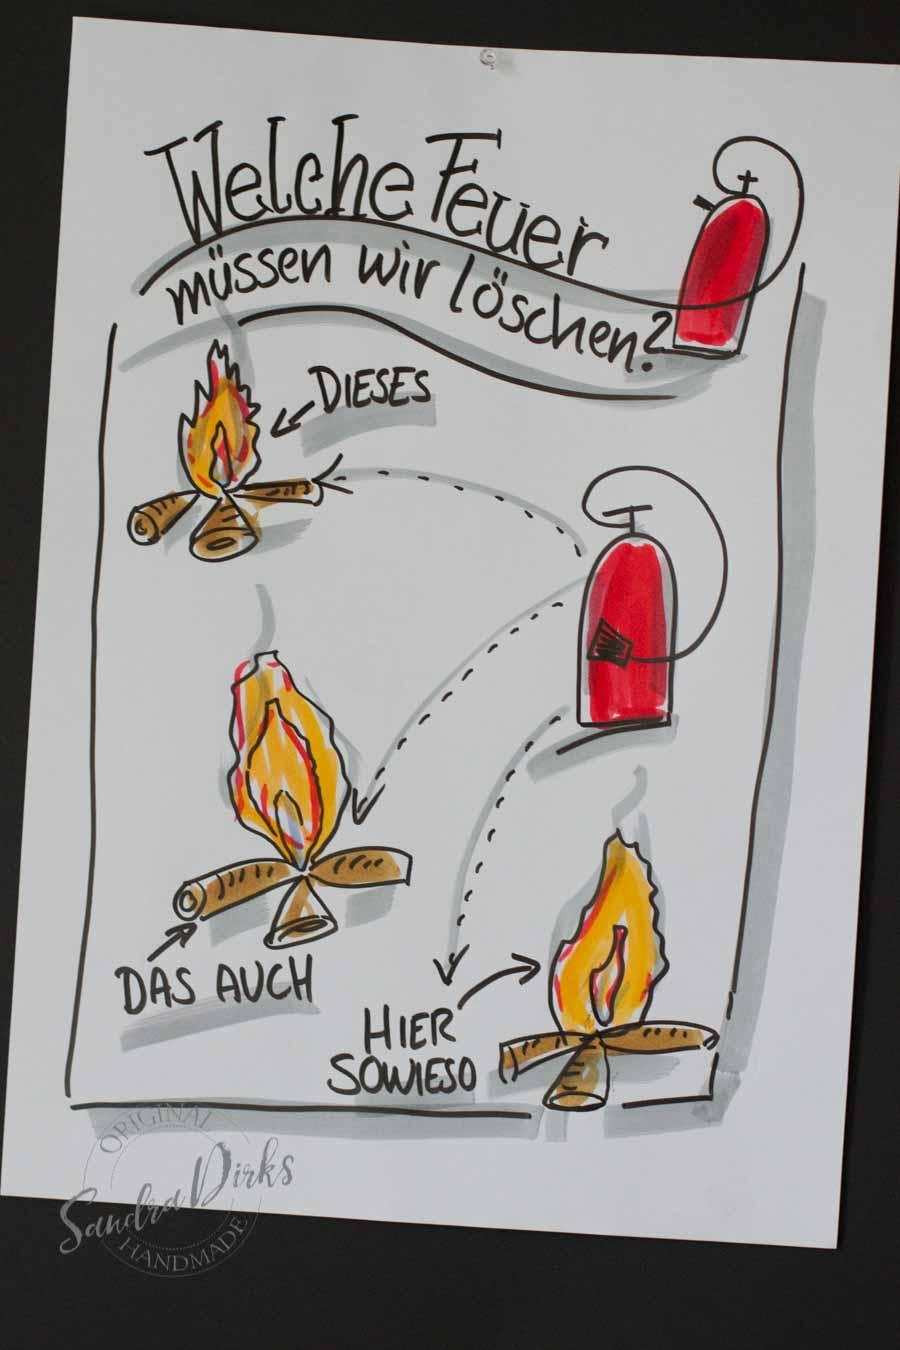 Sandra Dirks - Mini - Flipchartkurs Der Feuerloescher Titelbild